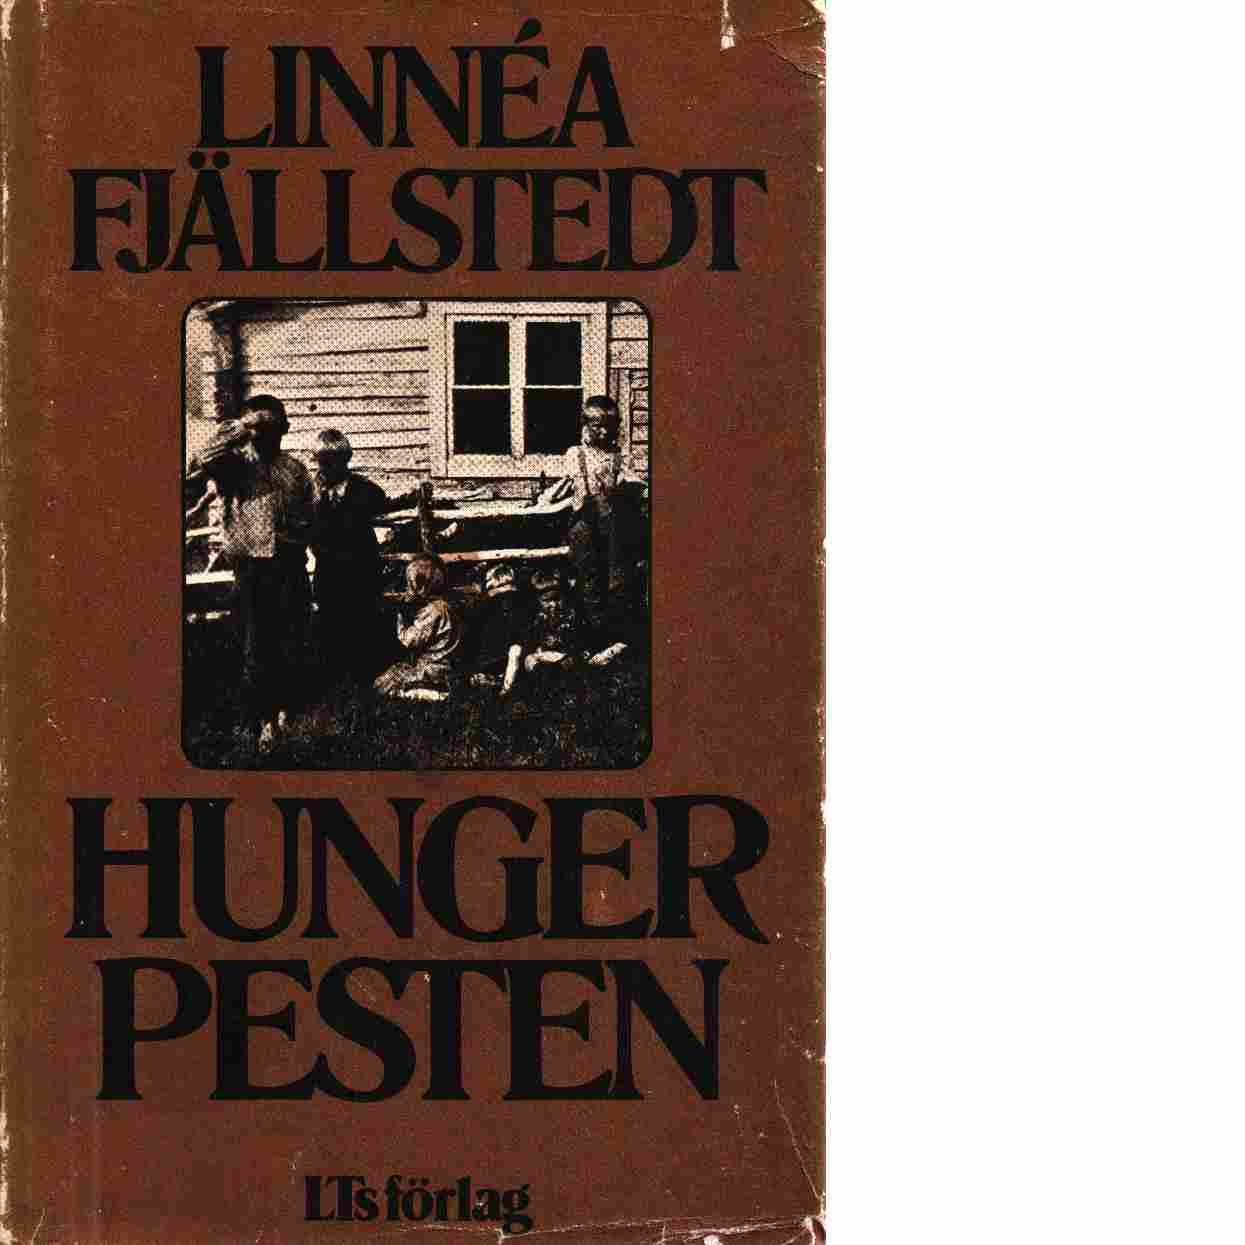 Hungerpesten - Fjällstedt, Linnéa